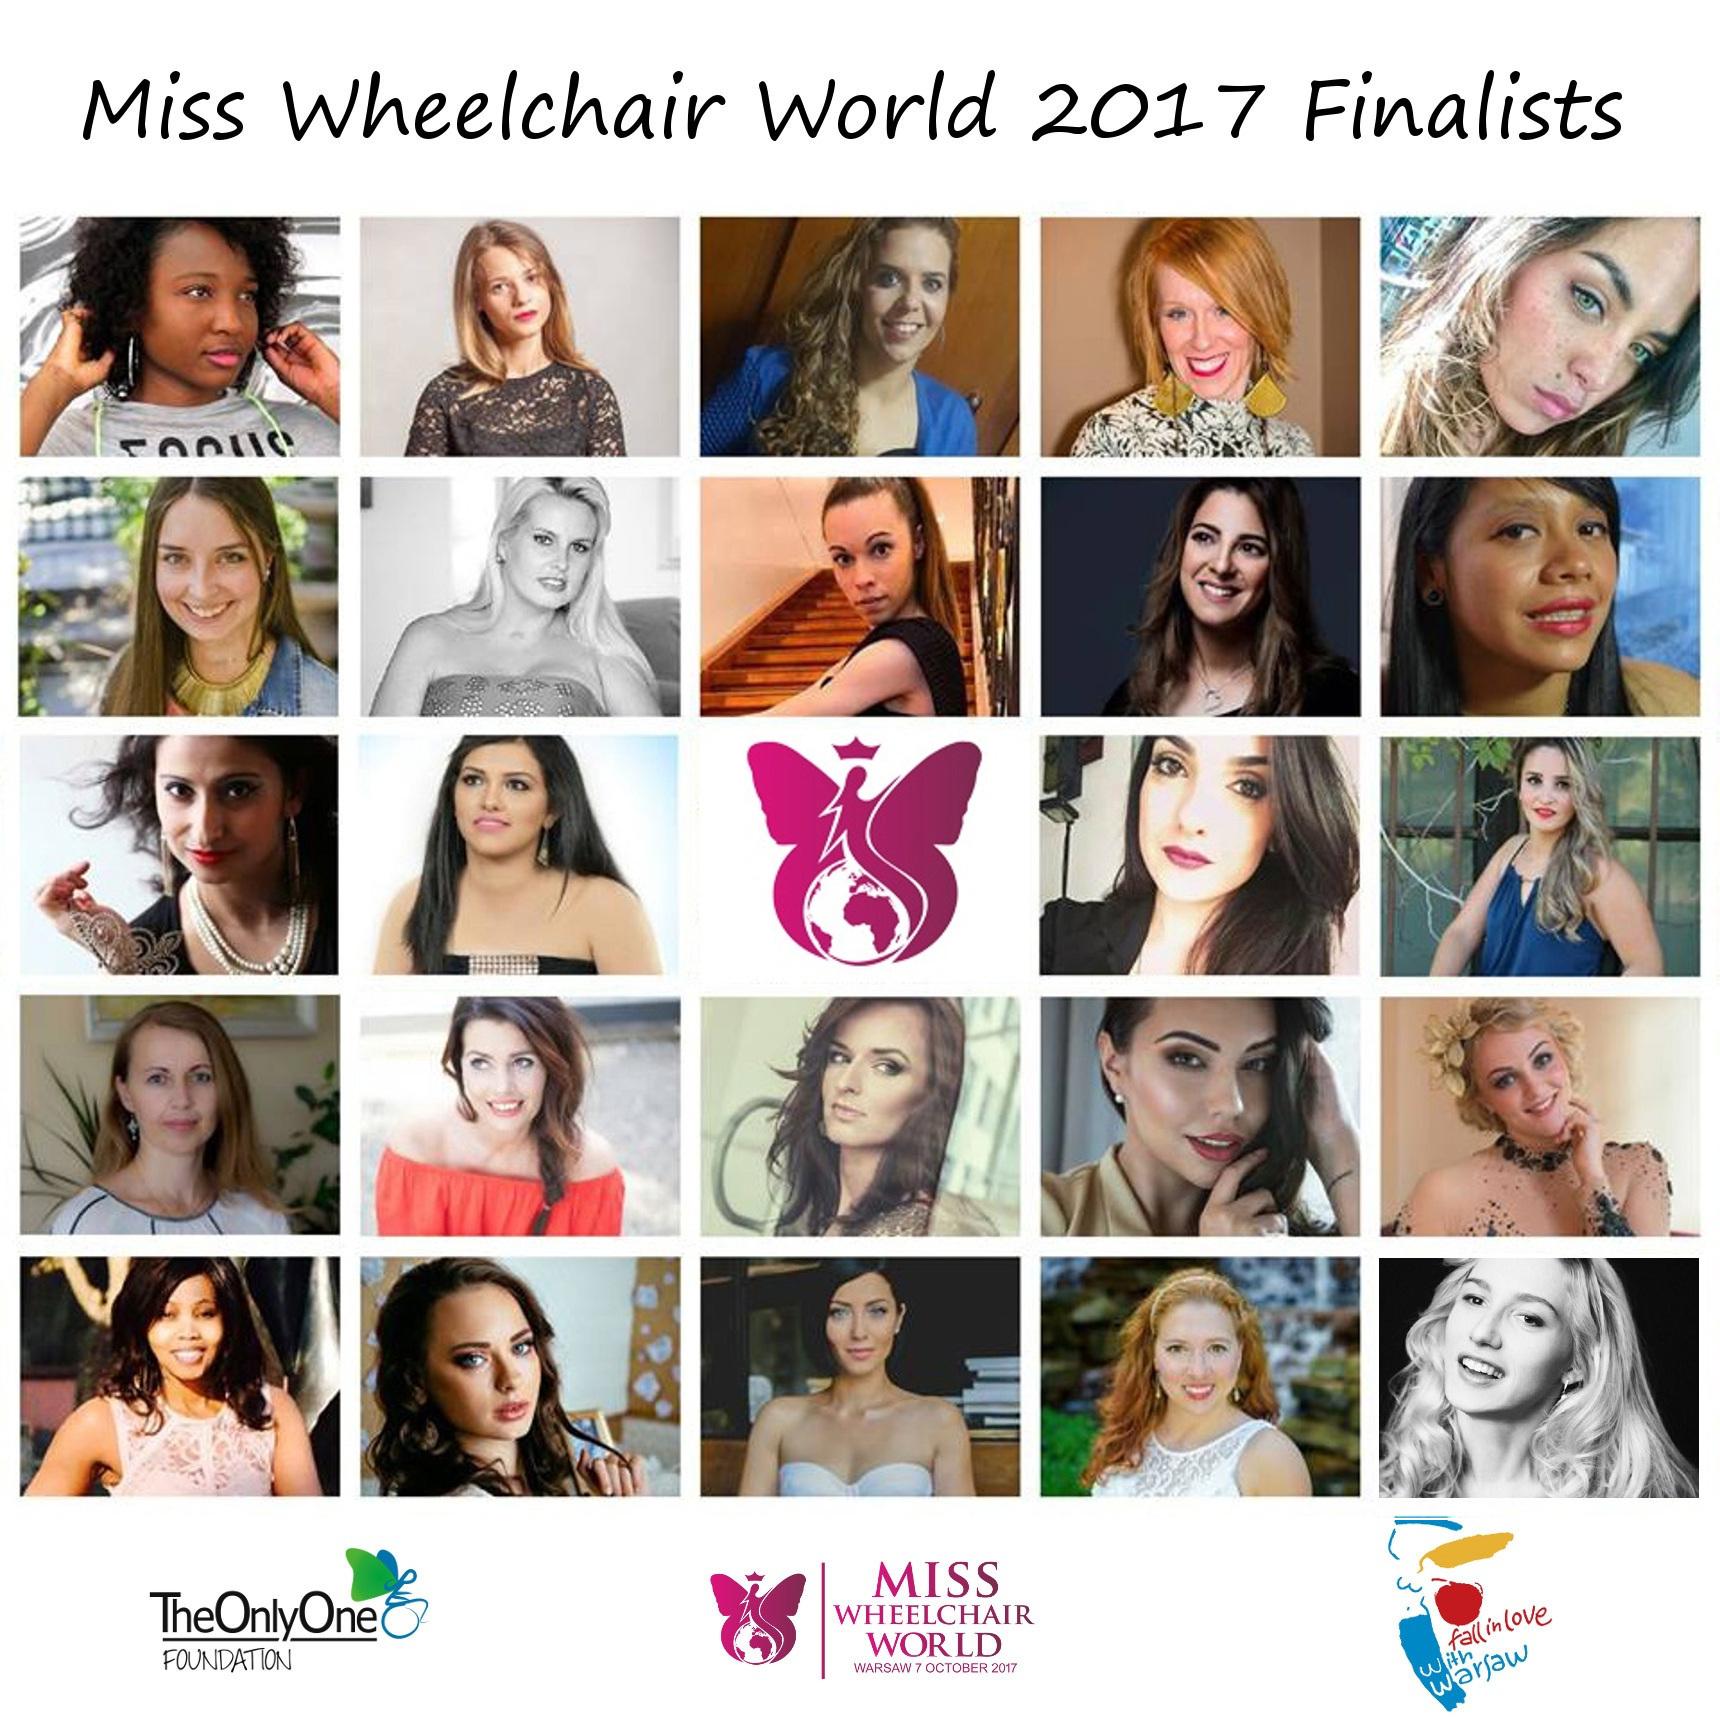 Miss Wheelchair World 2017